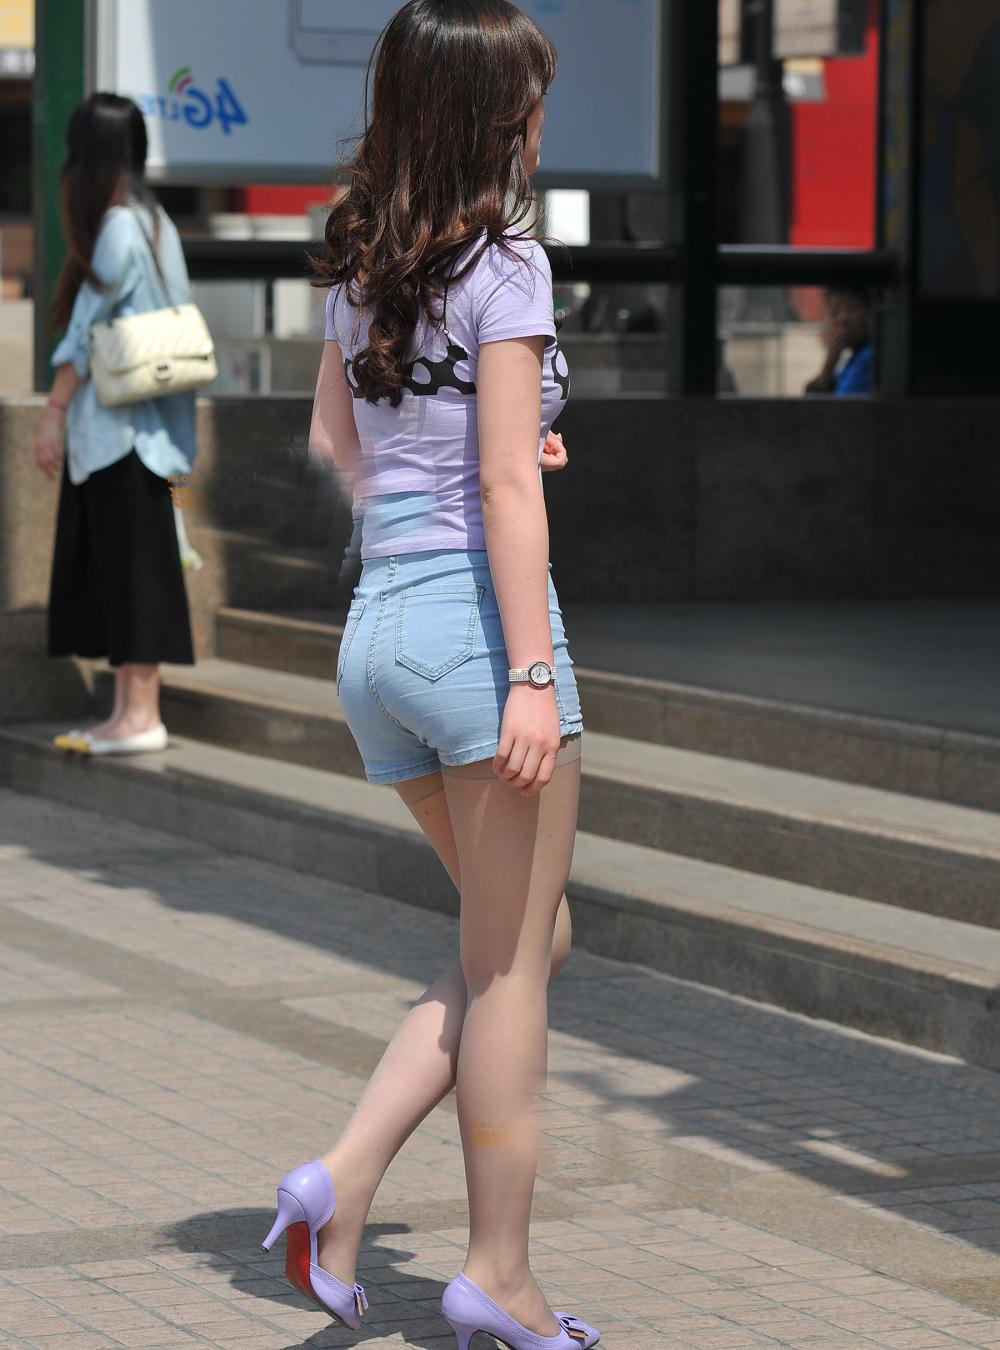 街拍秋天穿短裤的小秘诀, 有了丝袜再冷也不怕! 3